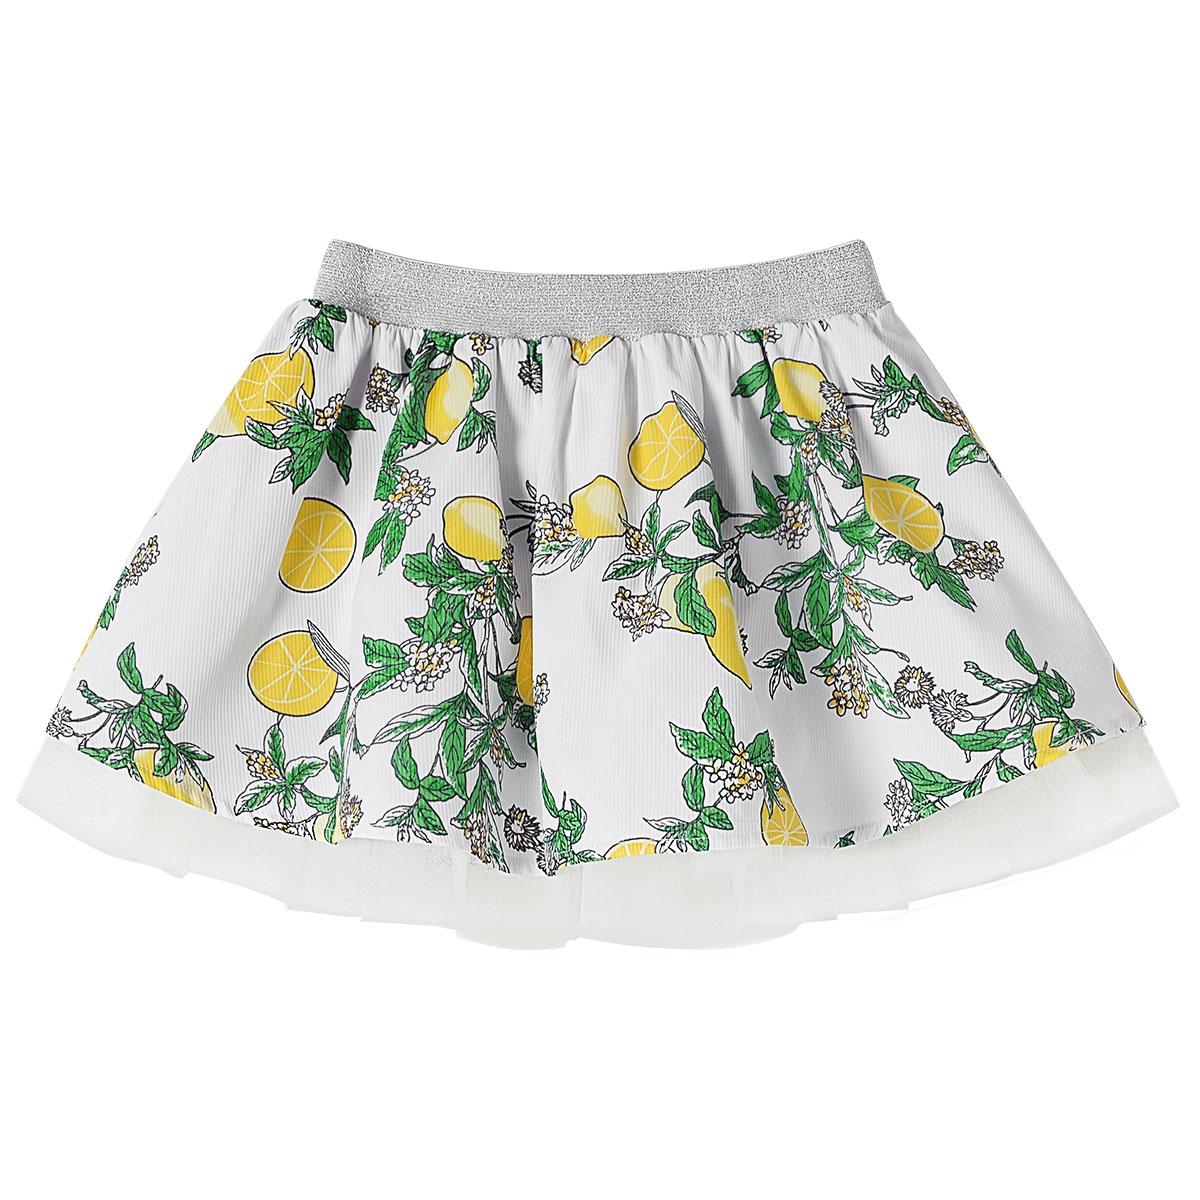 衣品天成童装夏装新款女童短裙中大儿童时尚印花网纱A字半身裙子